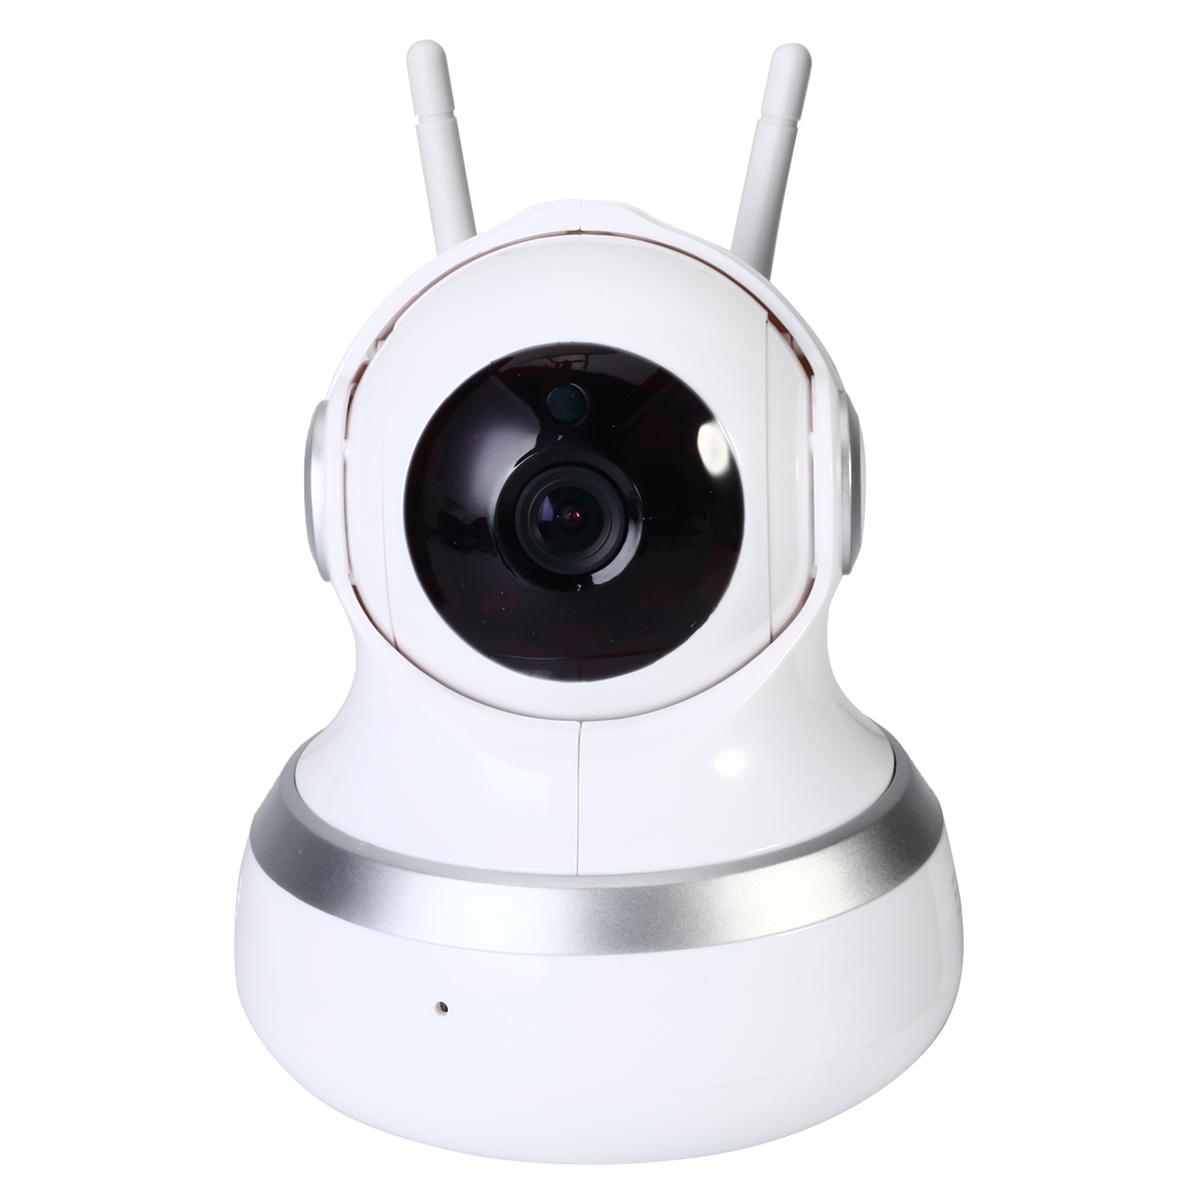 فروش دوربین مداربسته حافظه دار در انواع مختلف